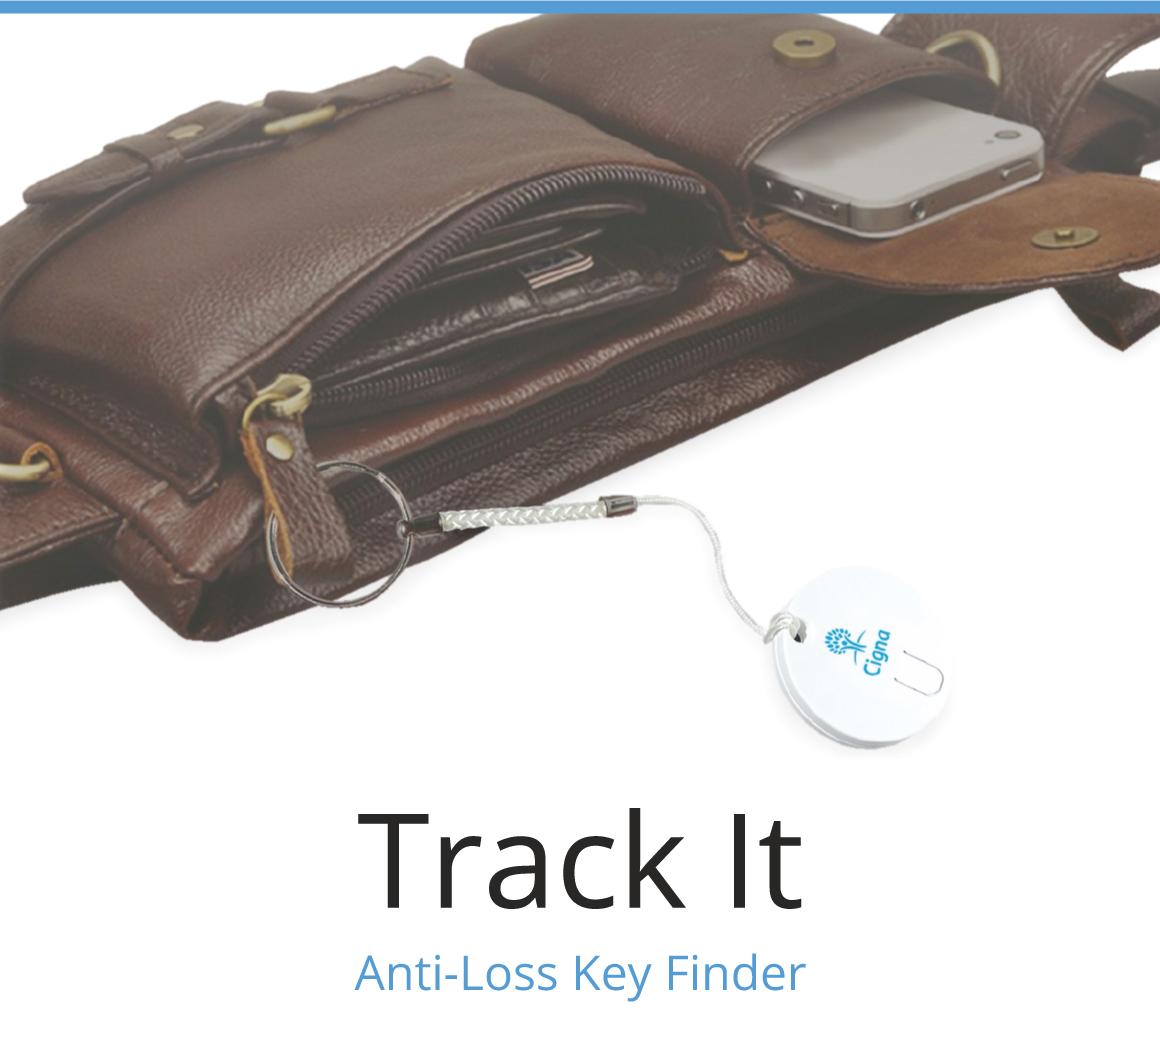 Track It Anti-Loss Key Finder